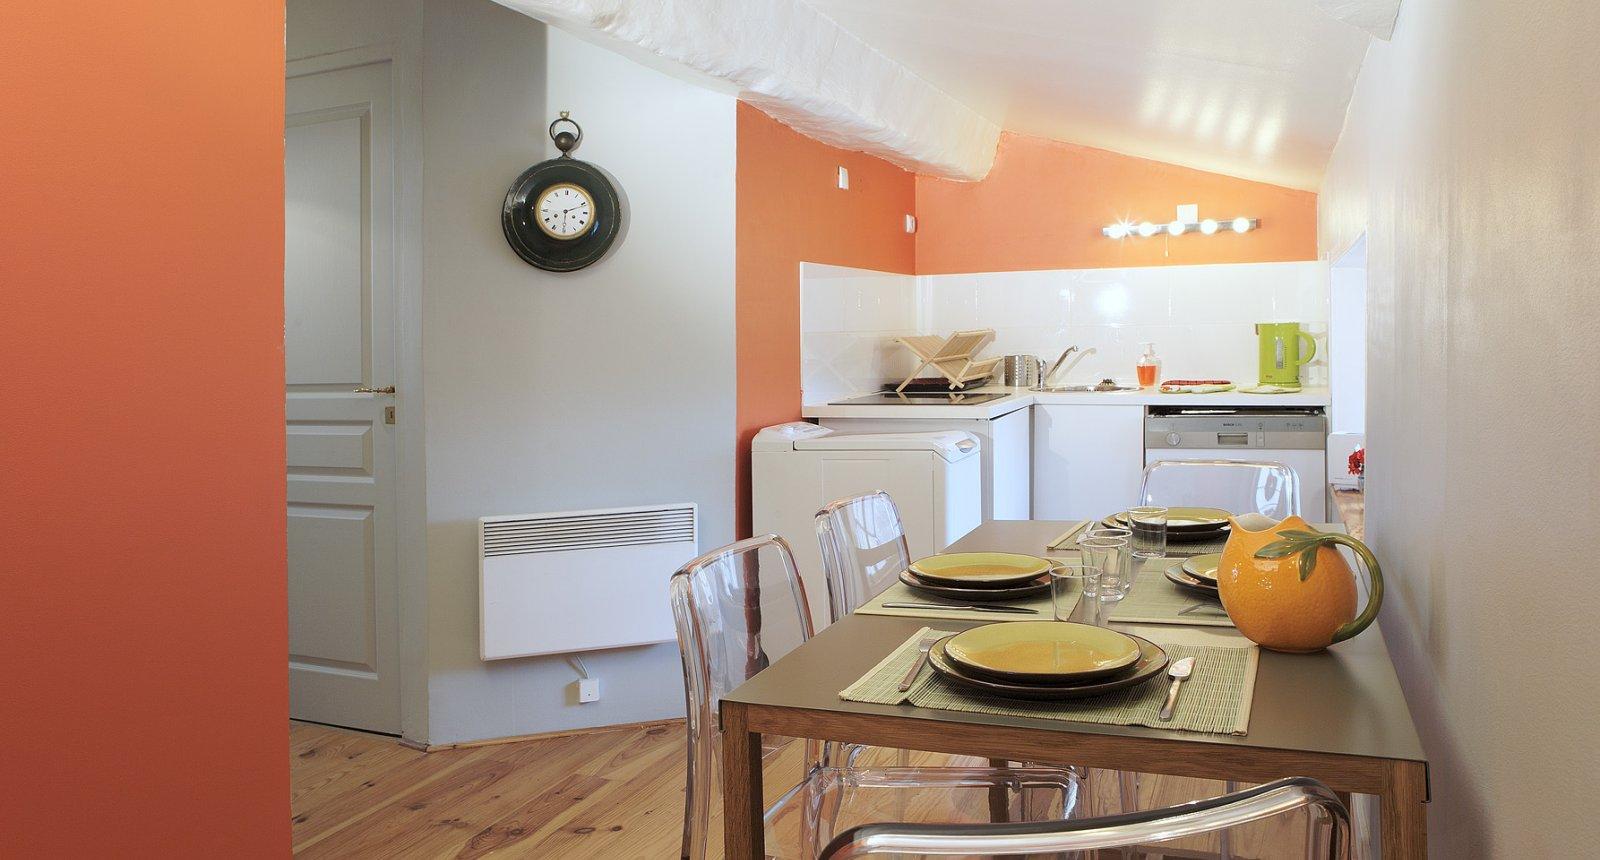 cuisine de l'appartement meublé de tourisme